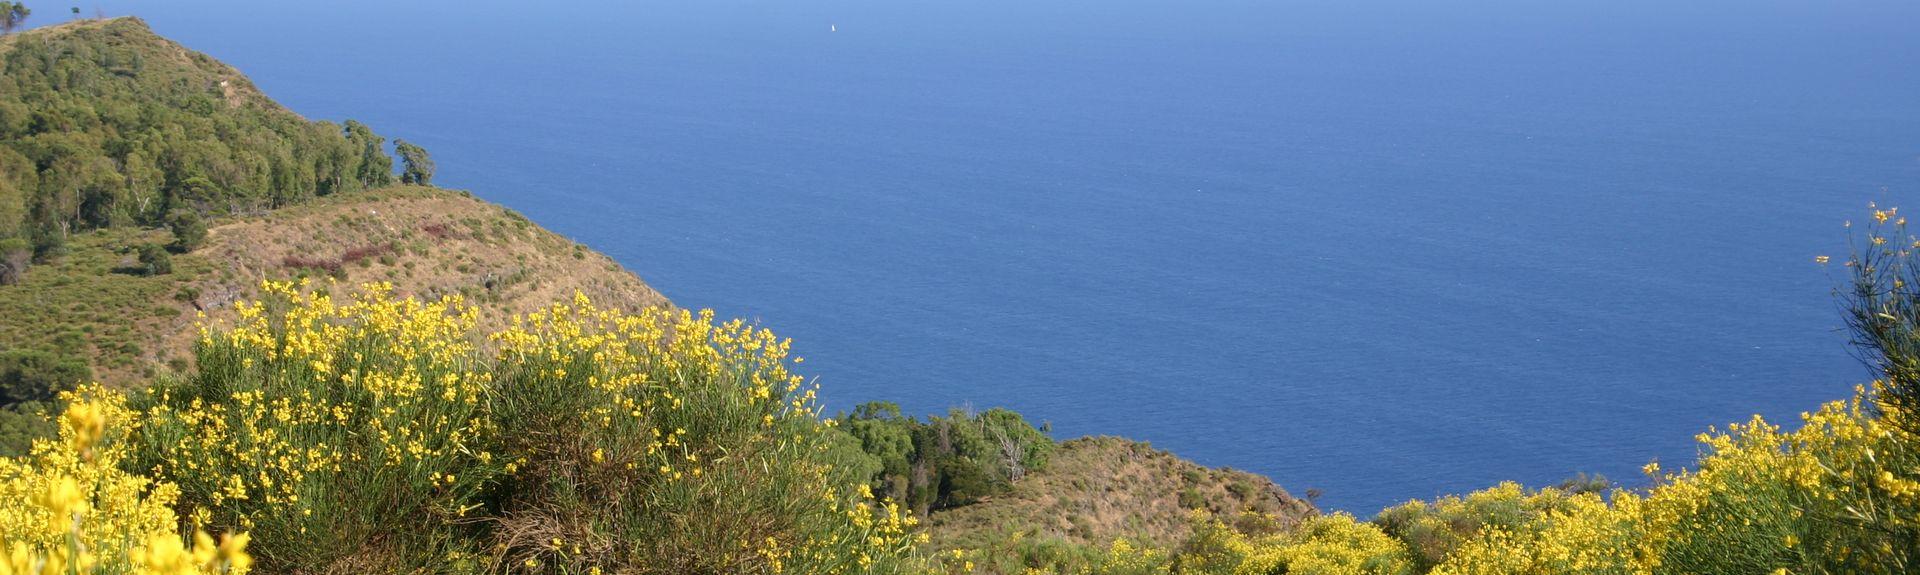 Vulcano Porto, Messina, Sicily, Italy